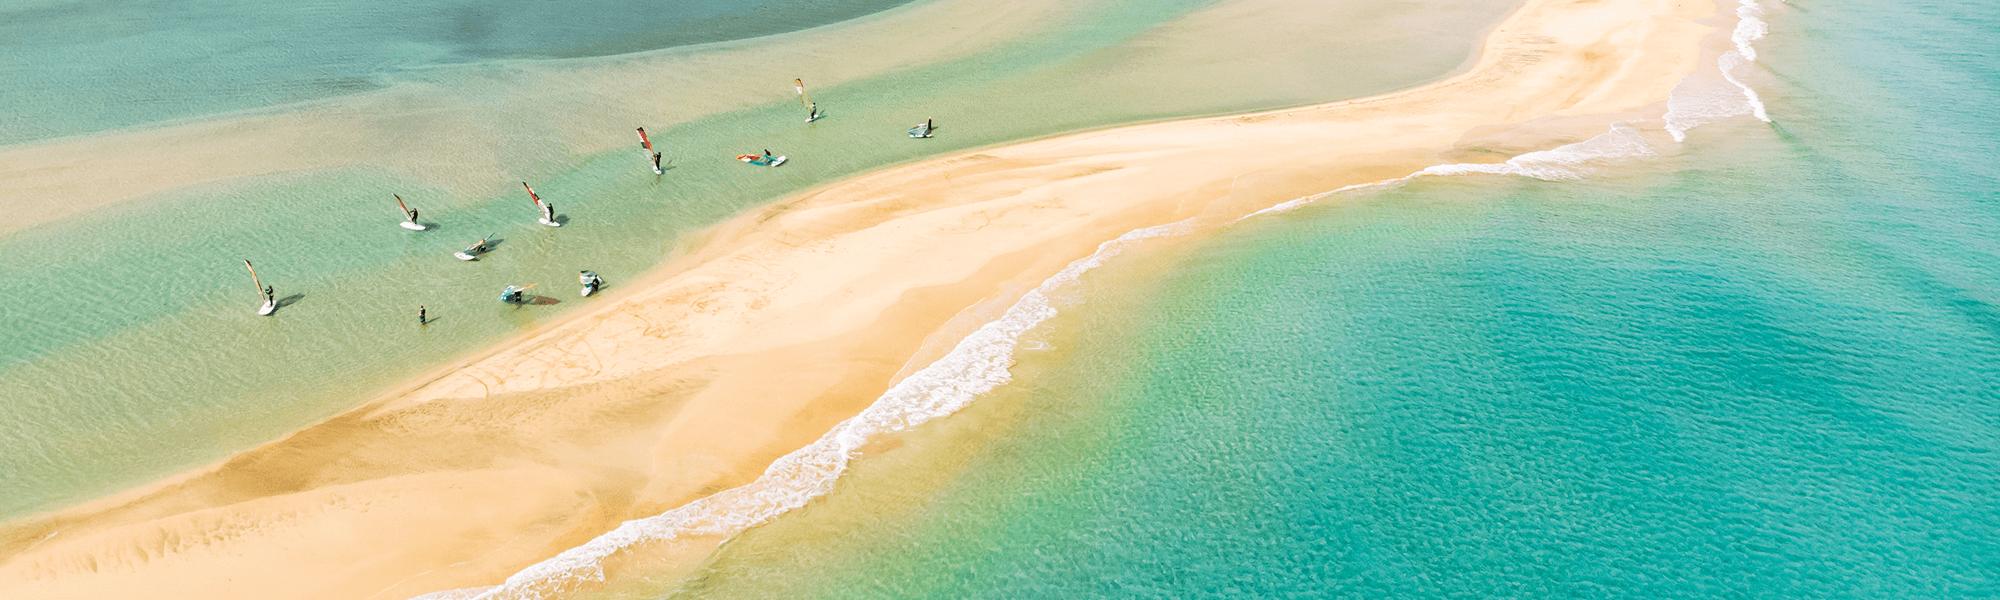 Traumstrände auf Fuerteventura